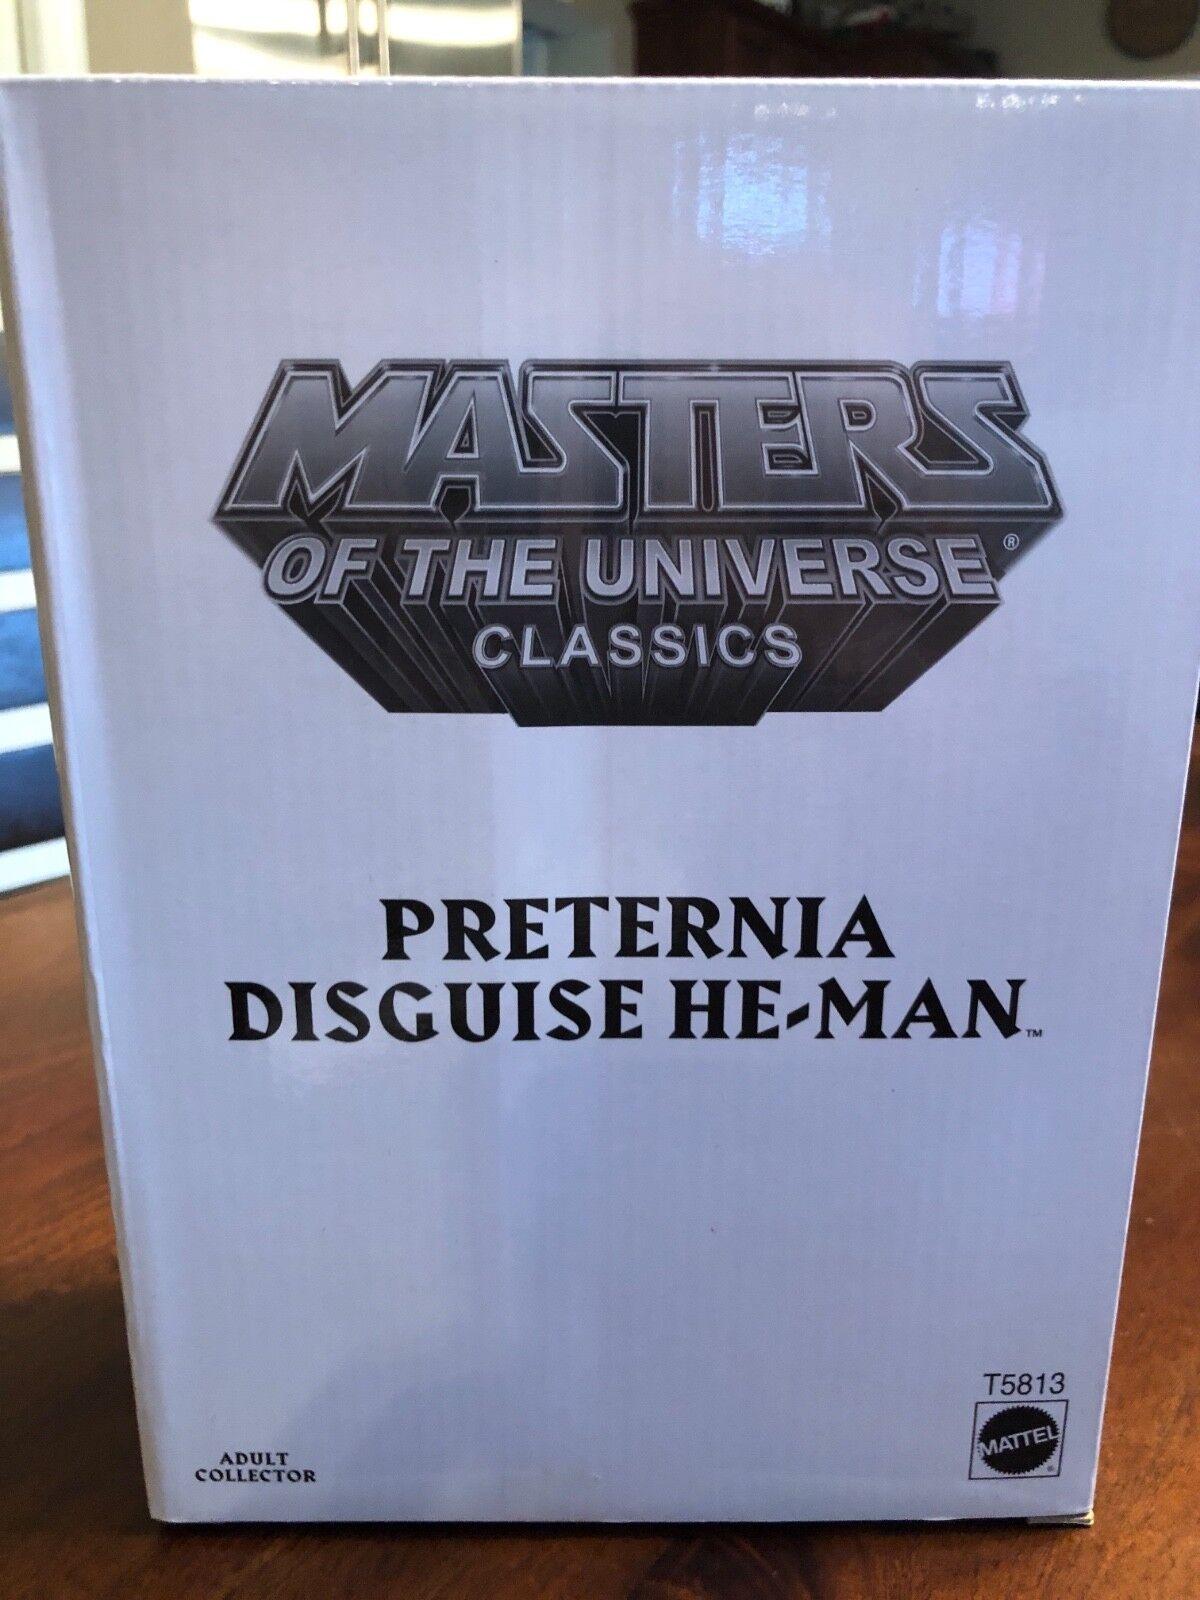 Meister des universums motu preternia verkleidung mann matty sammler mattel se